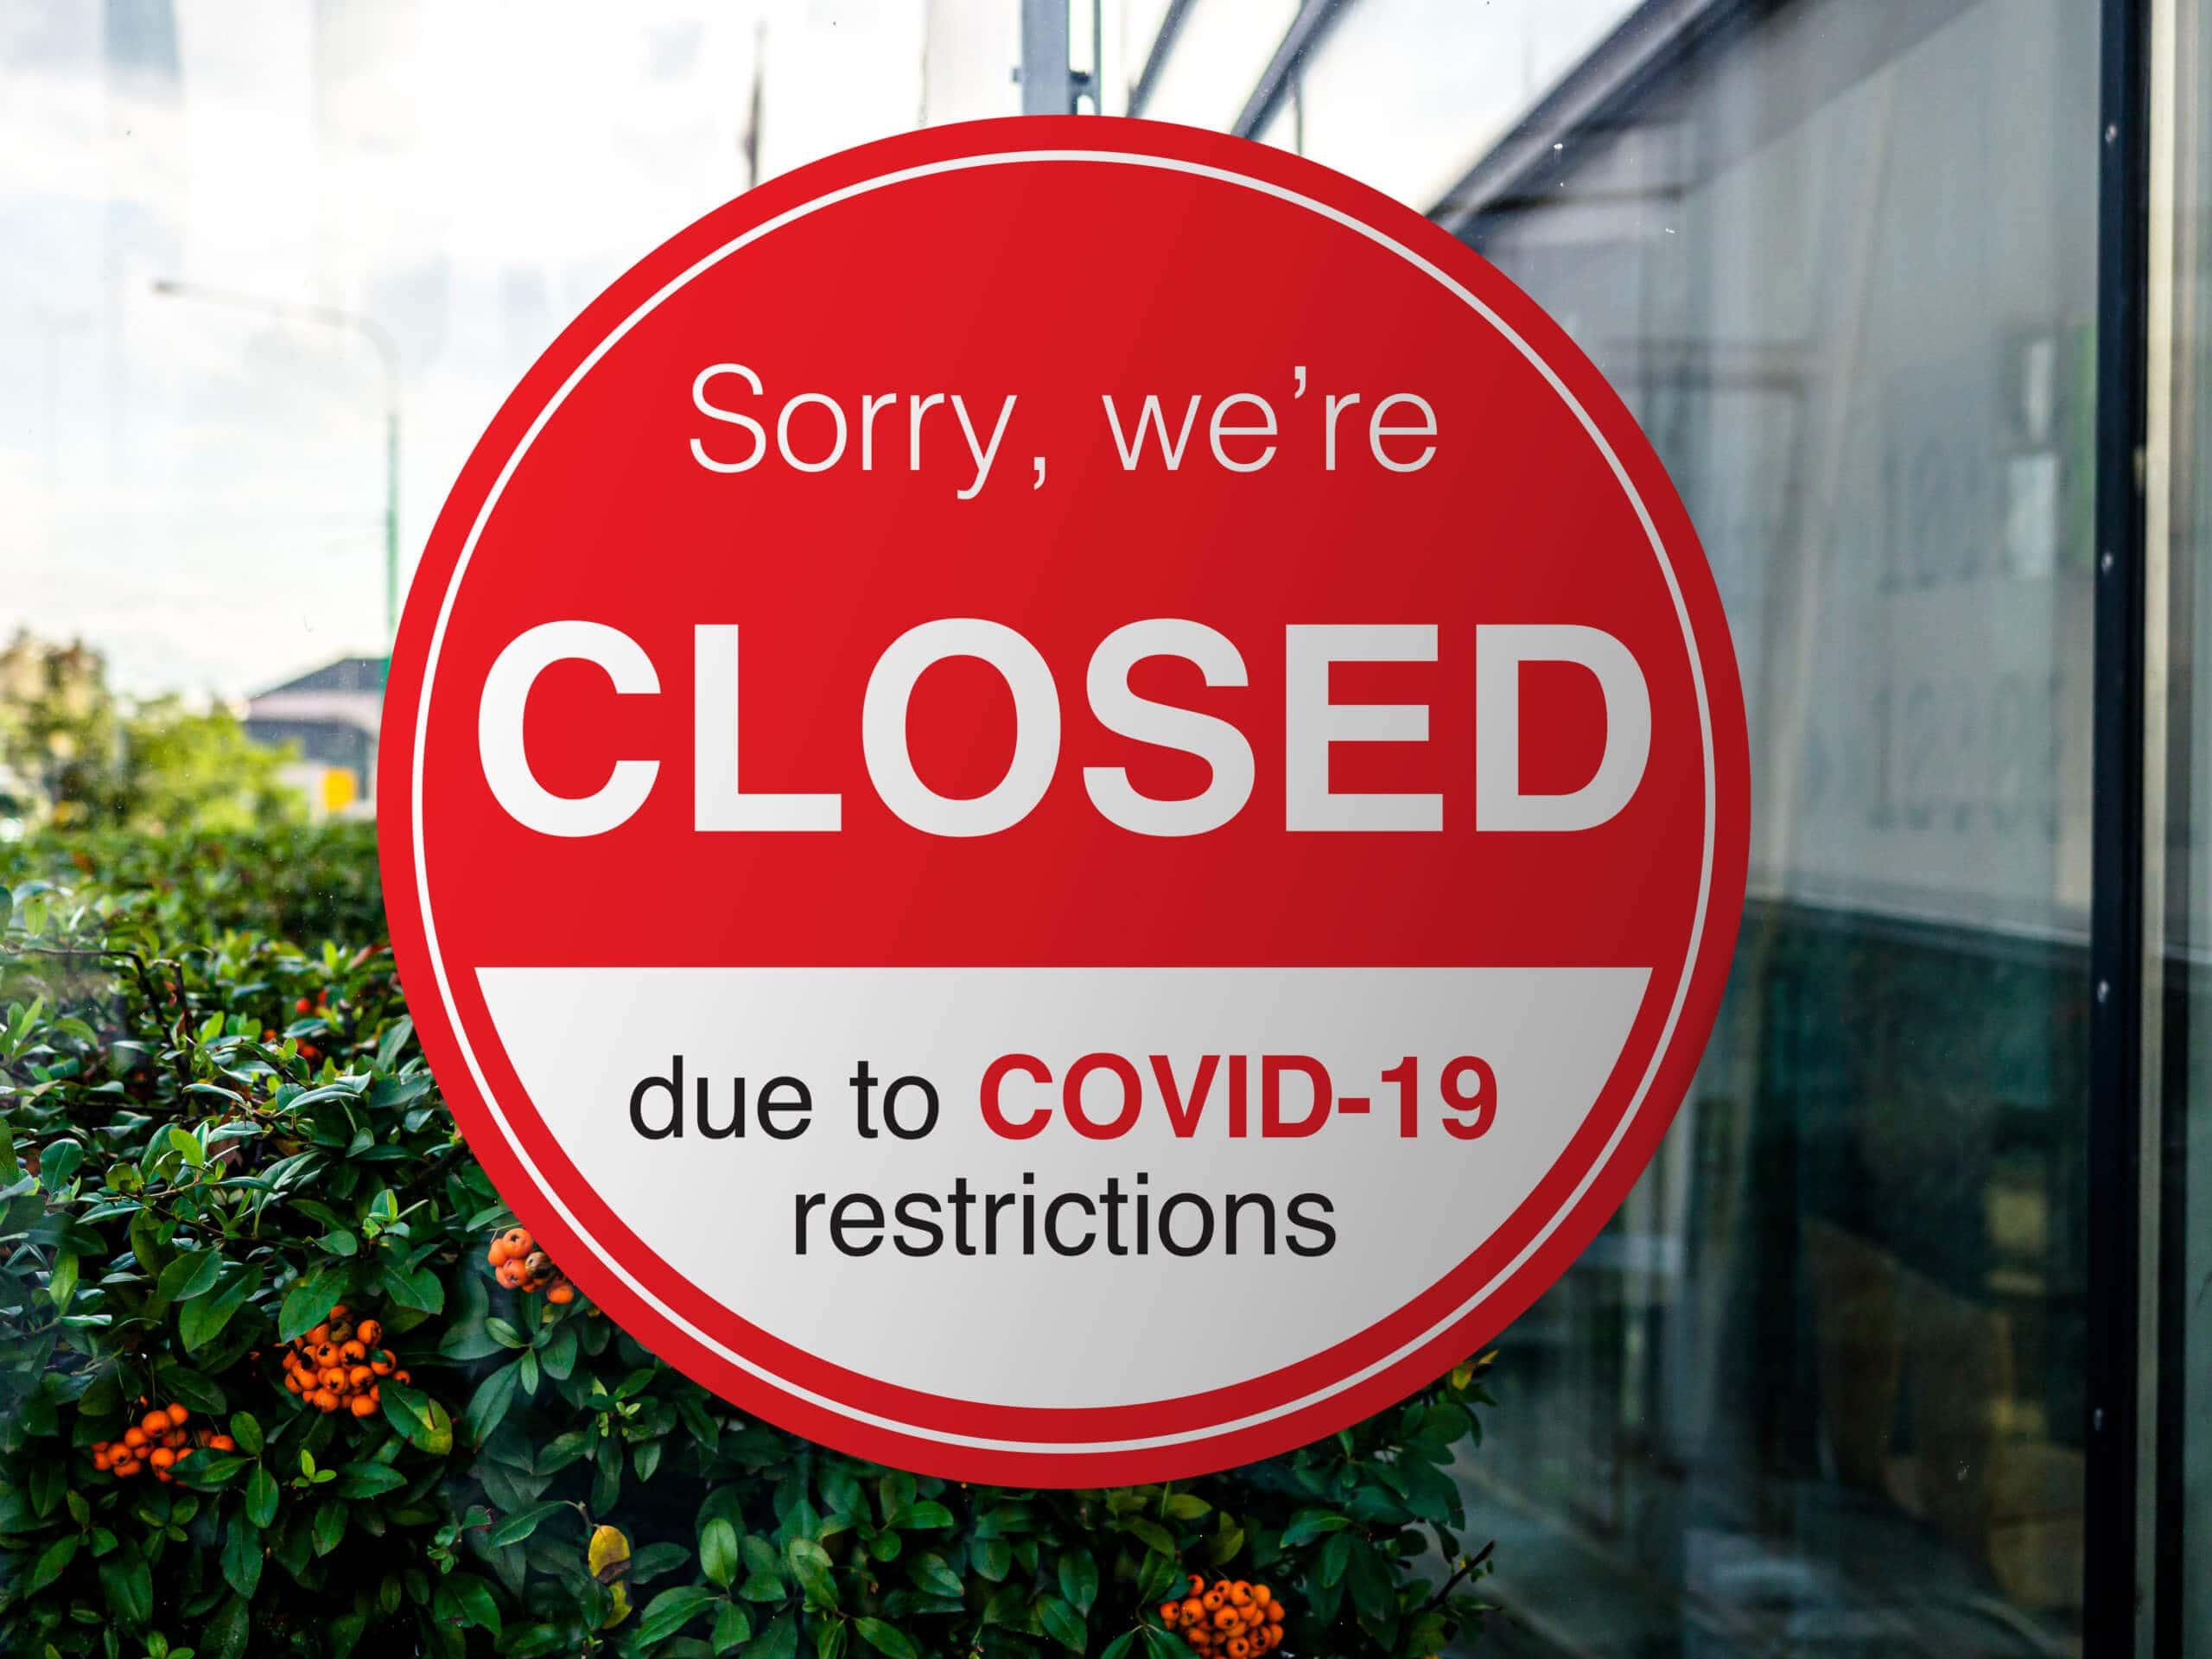 Rotes geschlossen Schild als Symbild für geschlossenes Restaurant